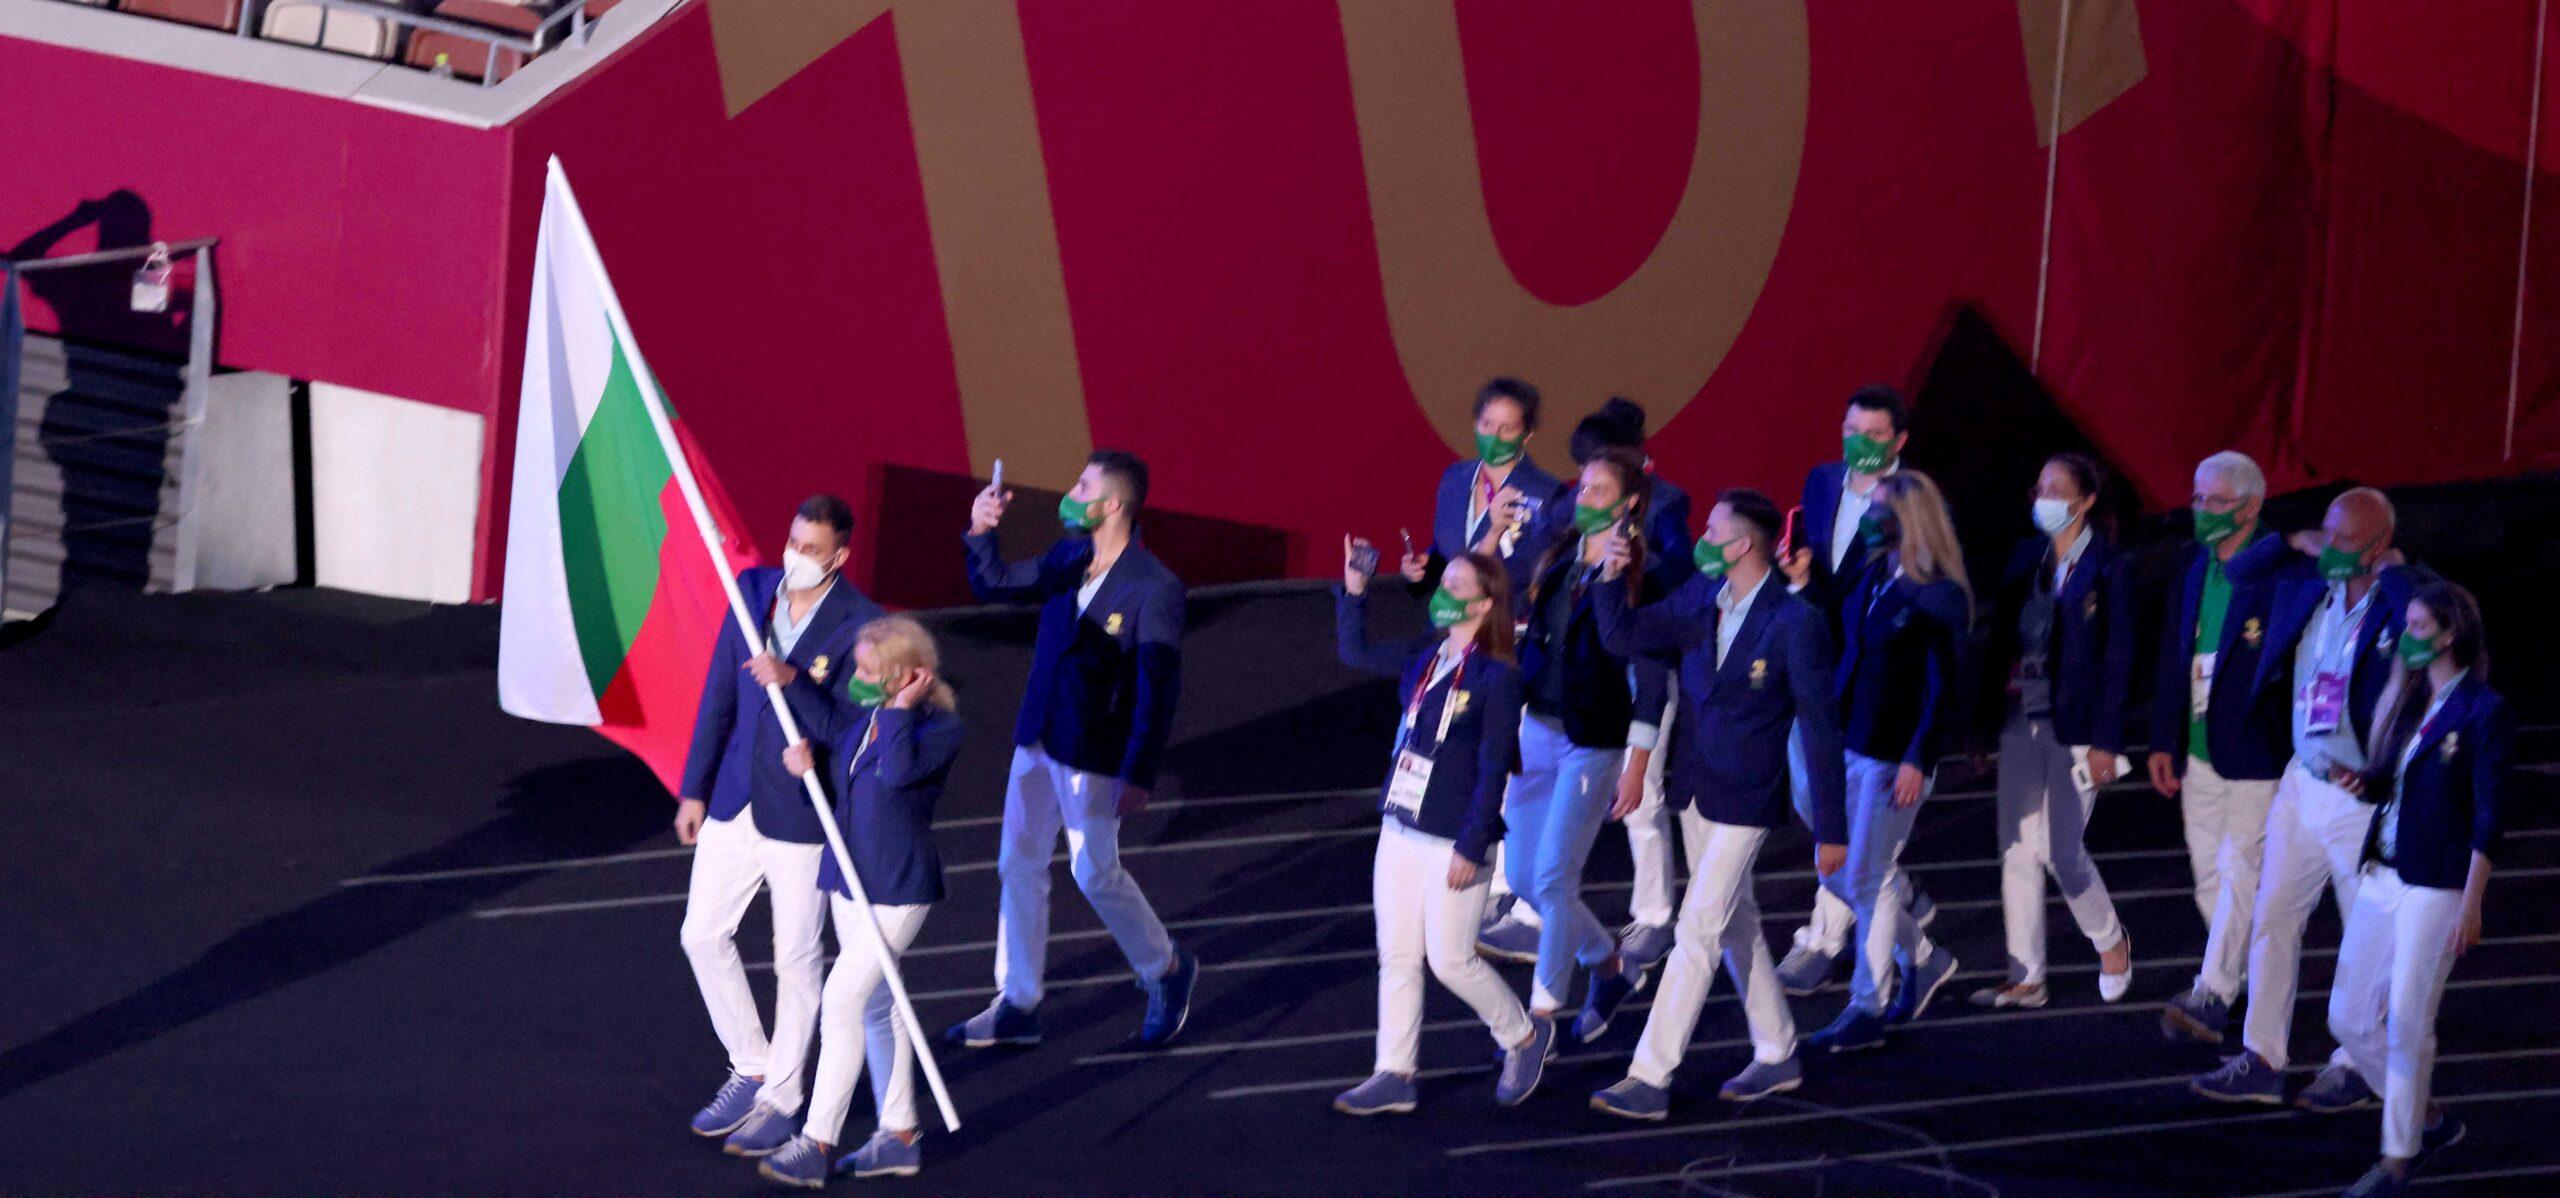 българите в Токио 2020